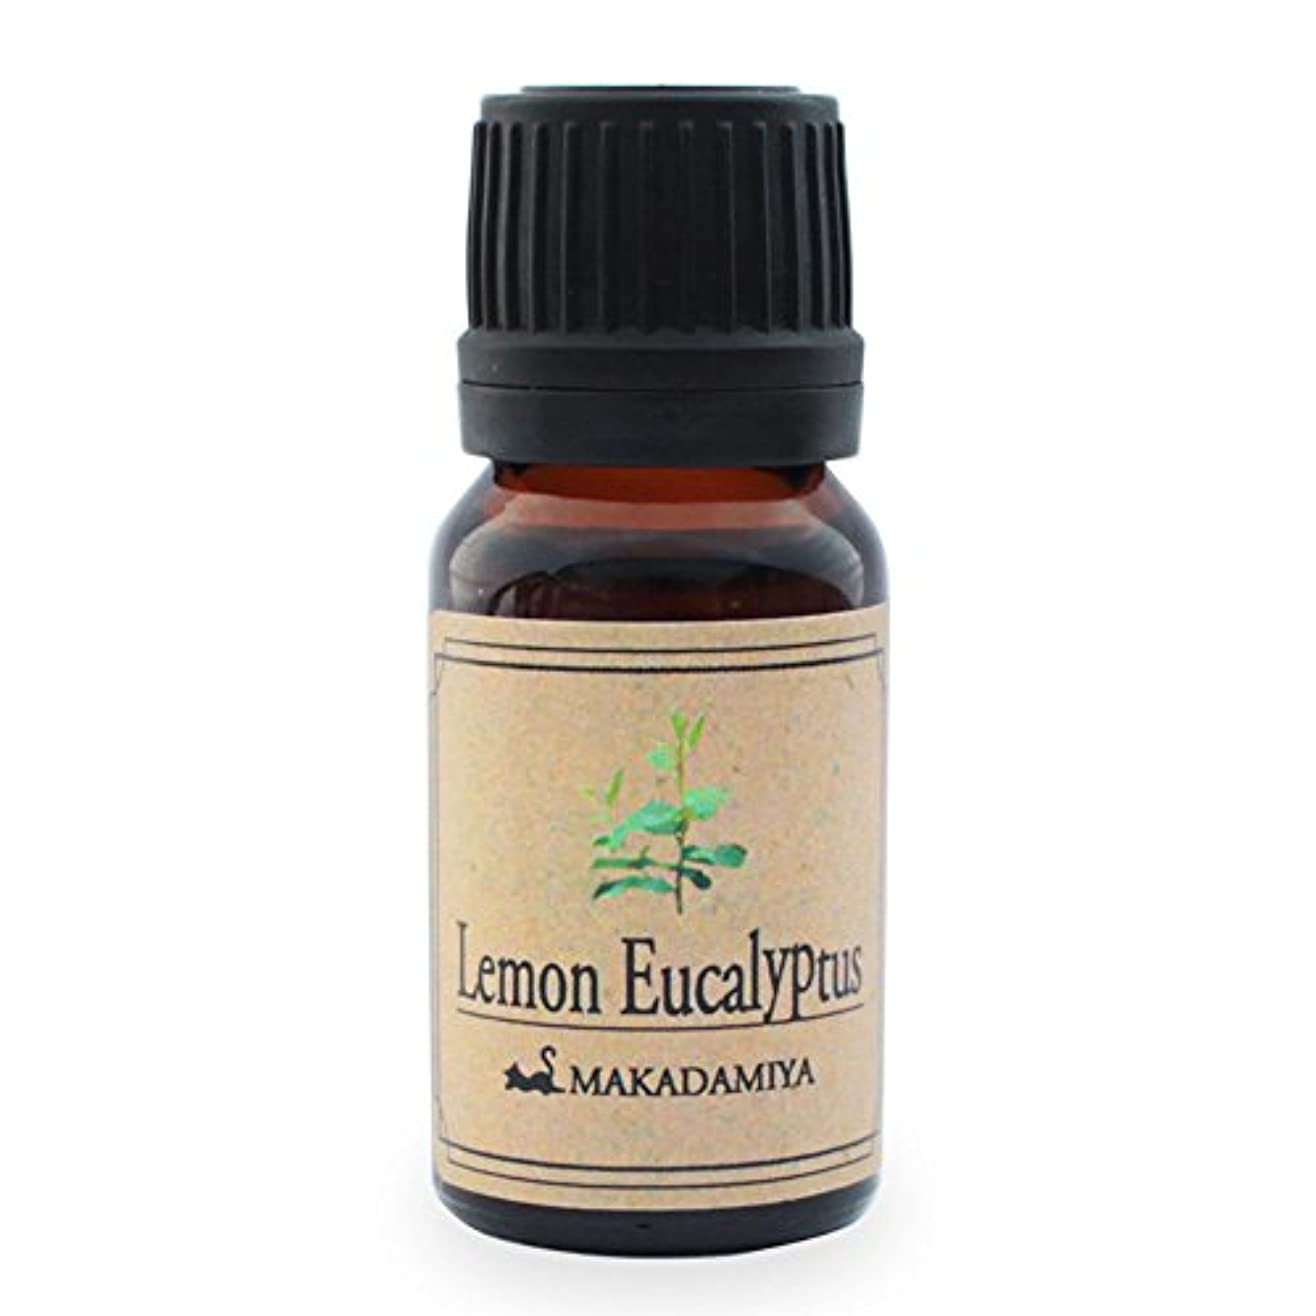 レモンユーカリ10ml 天然100%植物性 エッセンシャルオイル(精油) アロマオイル アロママッサージ aroma Eucalyptus Citriodora